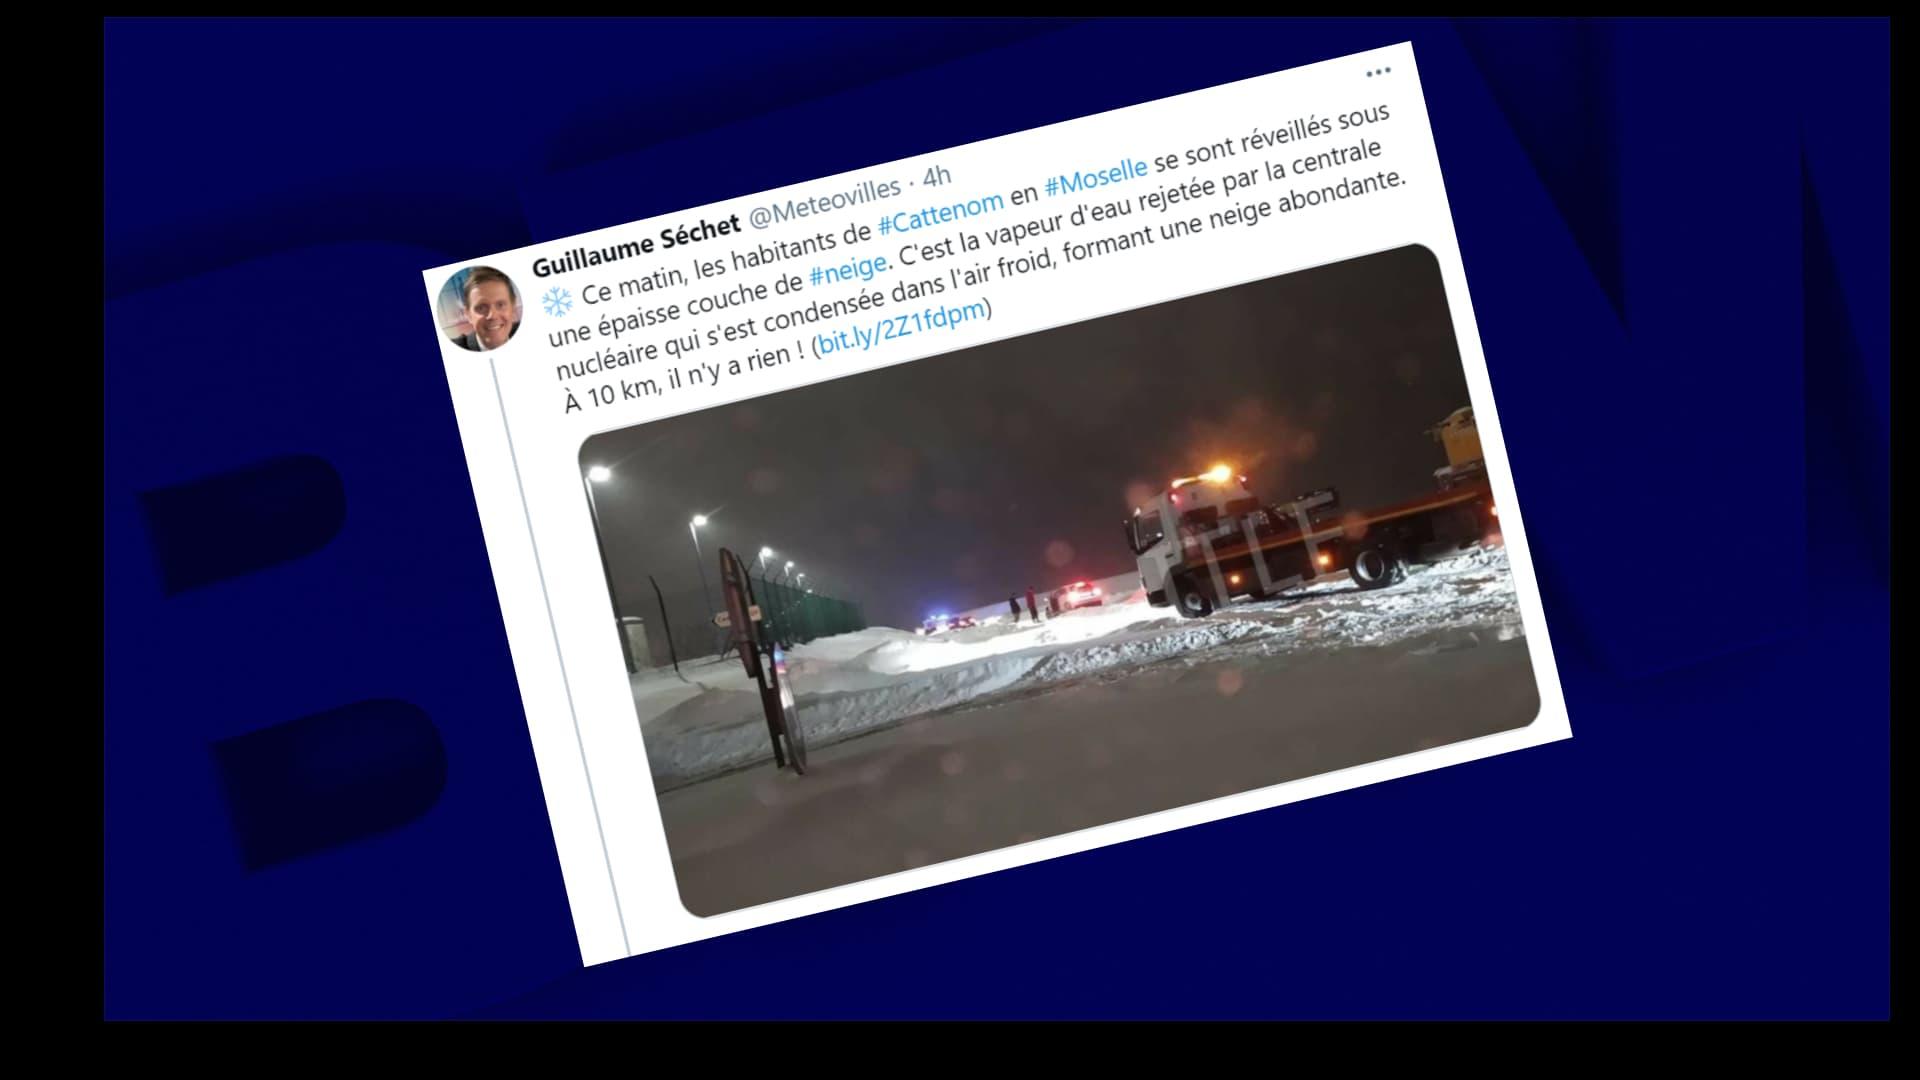 Moselle: un phénomène de neige industrielle observé autour d'une centrale nucléaire - BFMTV